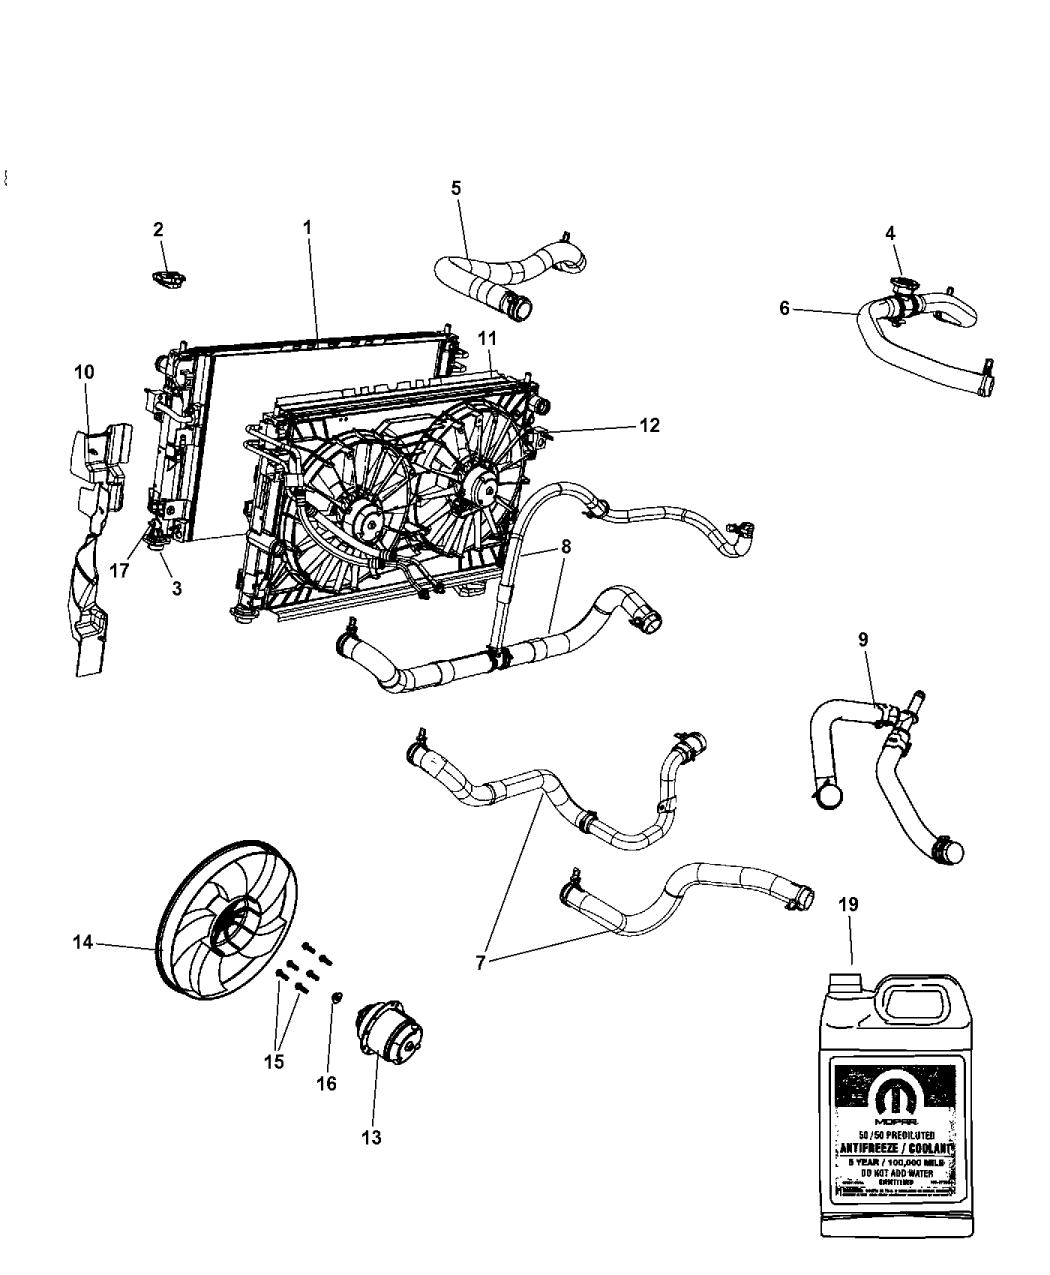 2009 Dodge Avenger Transmission: 2009 Dodge Avenger Radiator & Related Parts